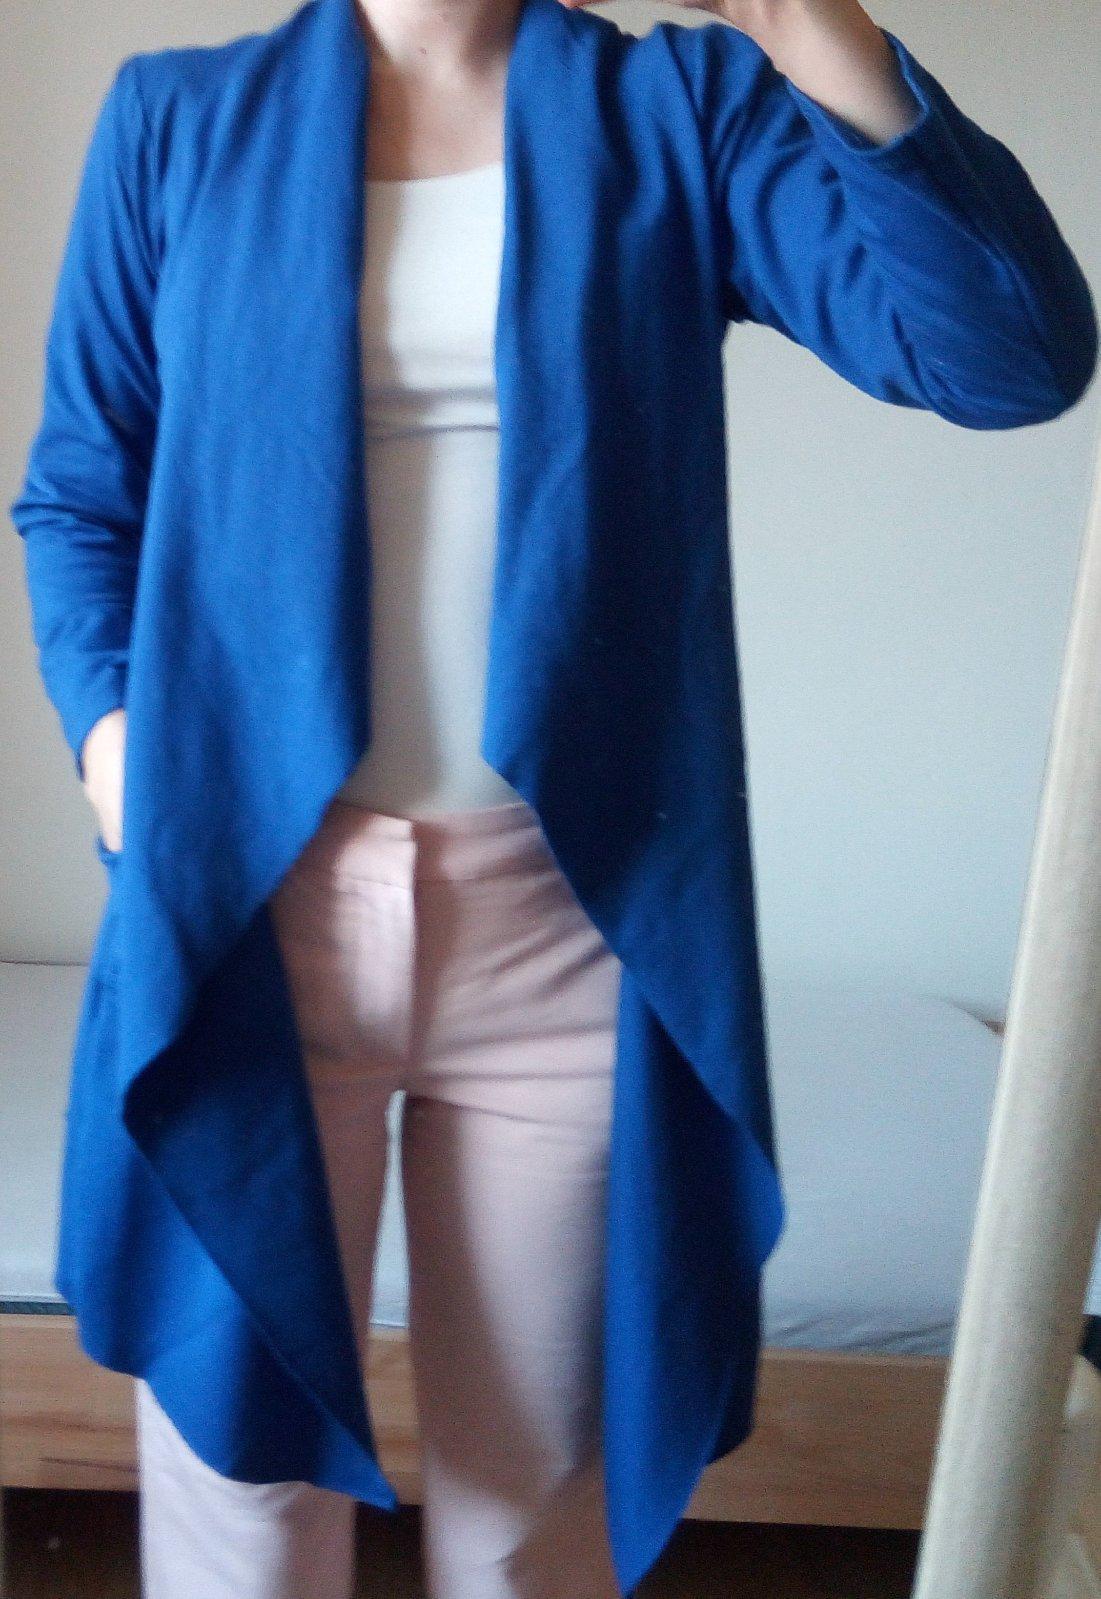 Kráľovsky modrý kardigan - Obrázok č. 1